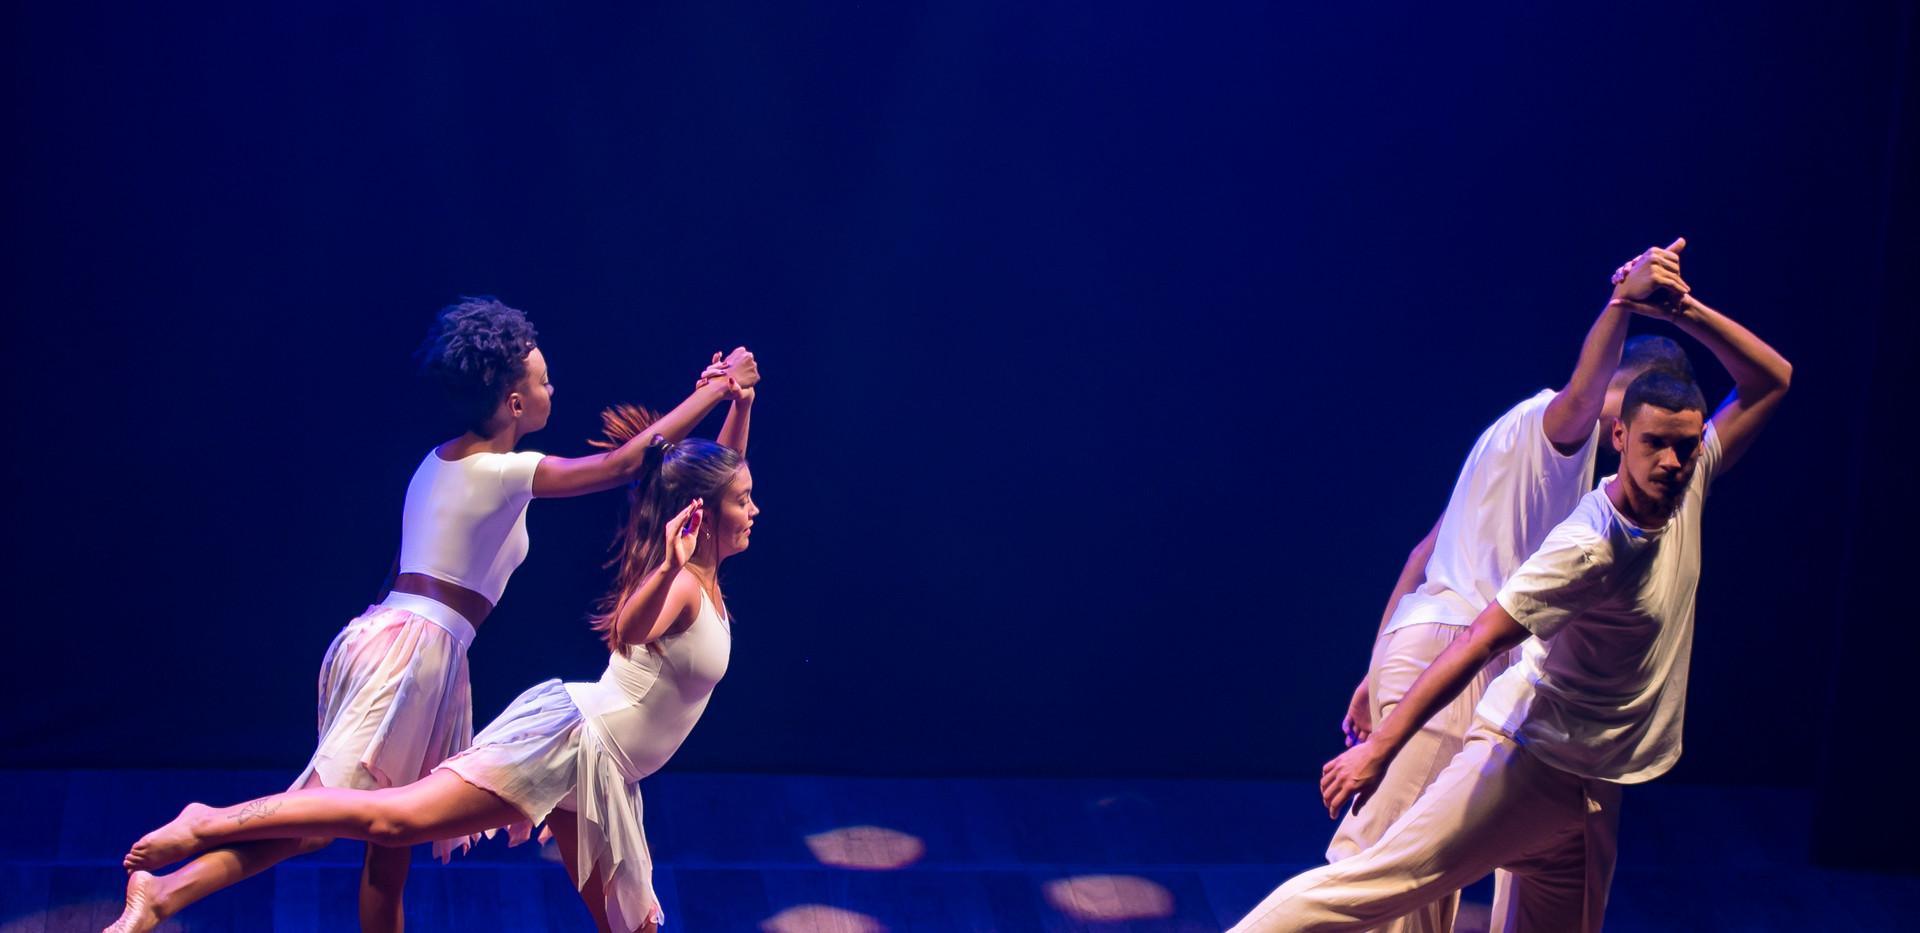 danceadois-show-4519.JPG